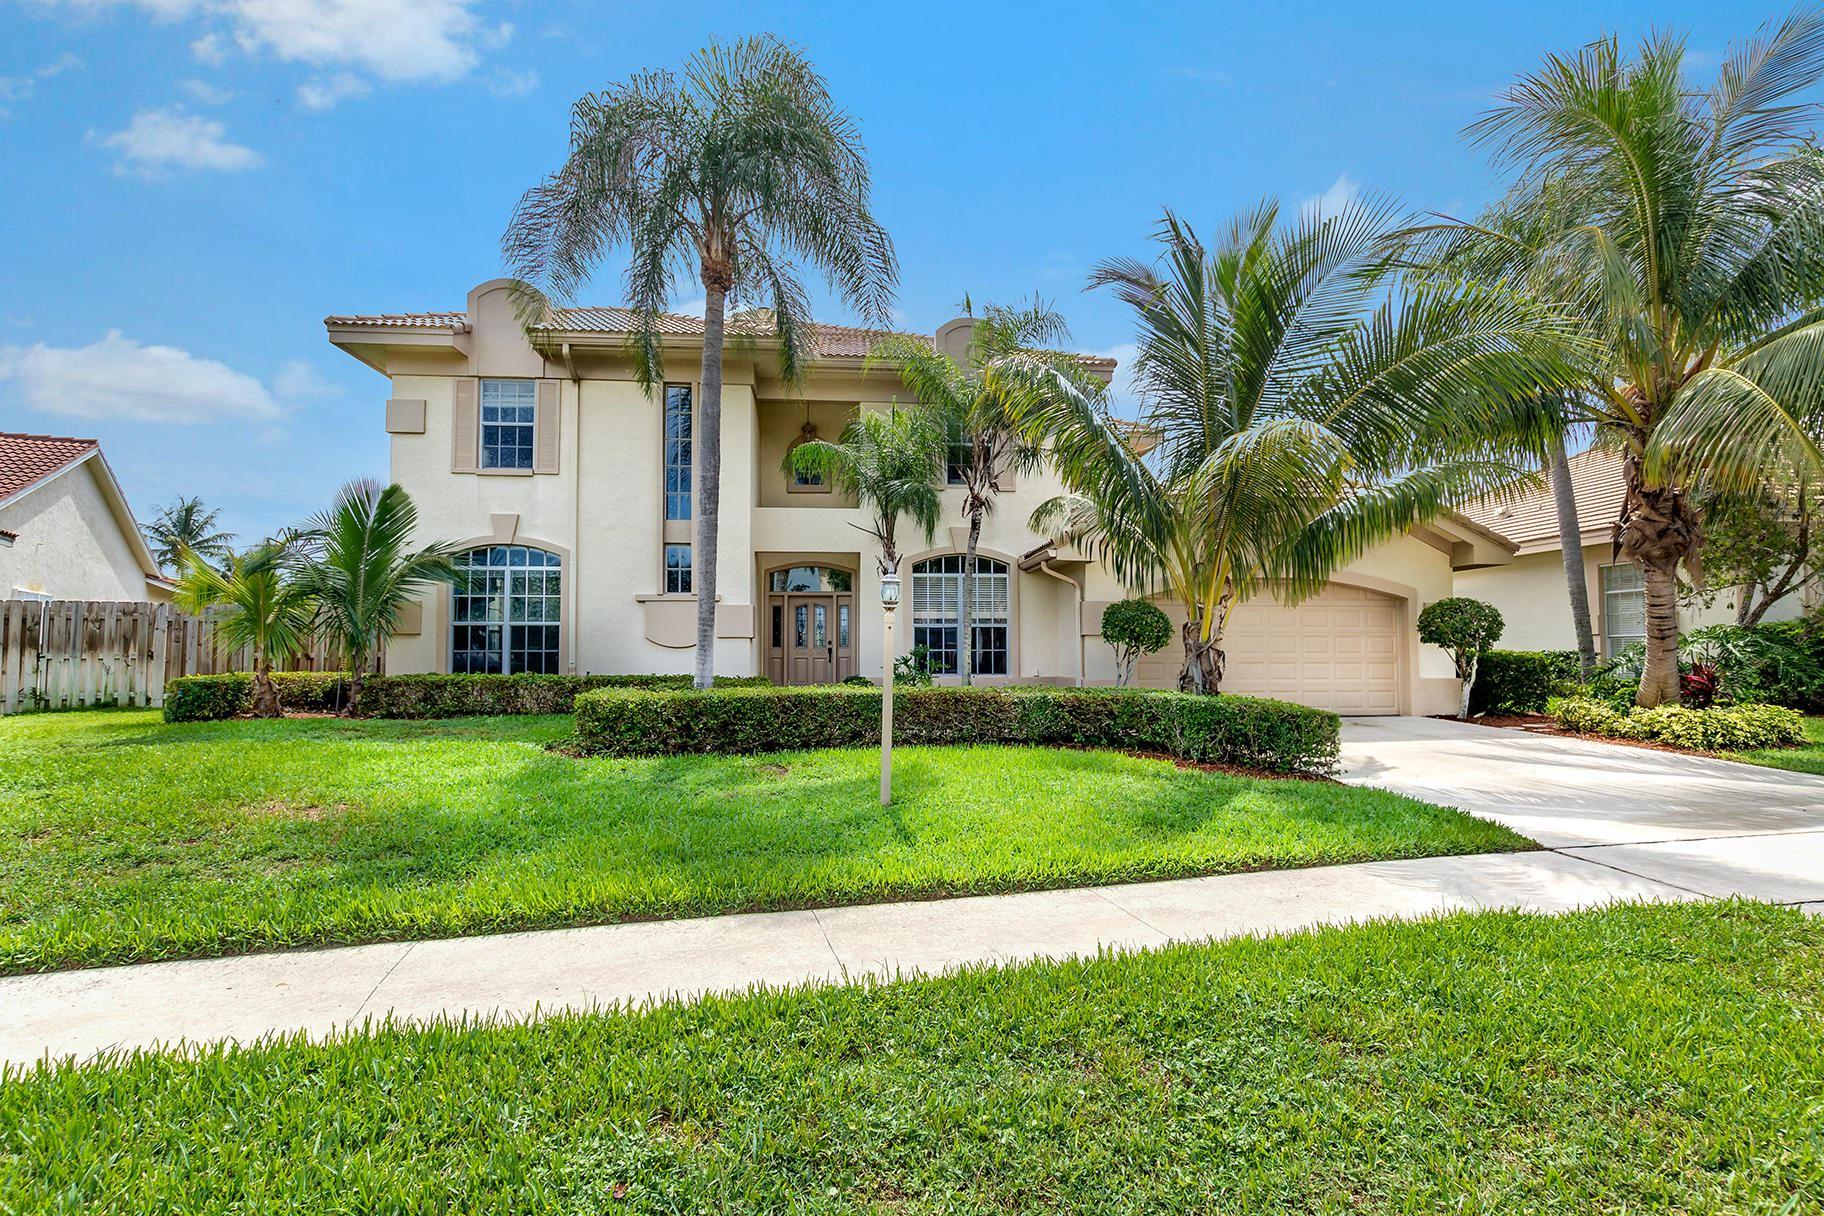 13469 William Myers Court, Palm Beach Gardens, FL 33410 - #: RX-10638032